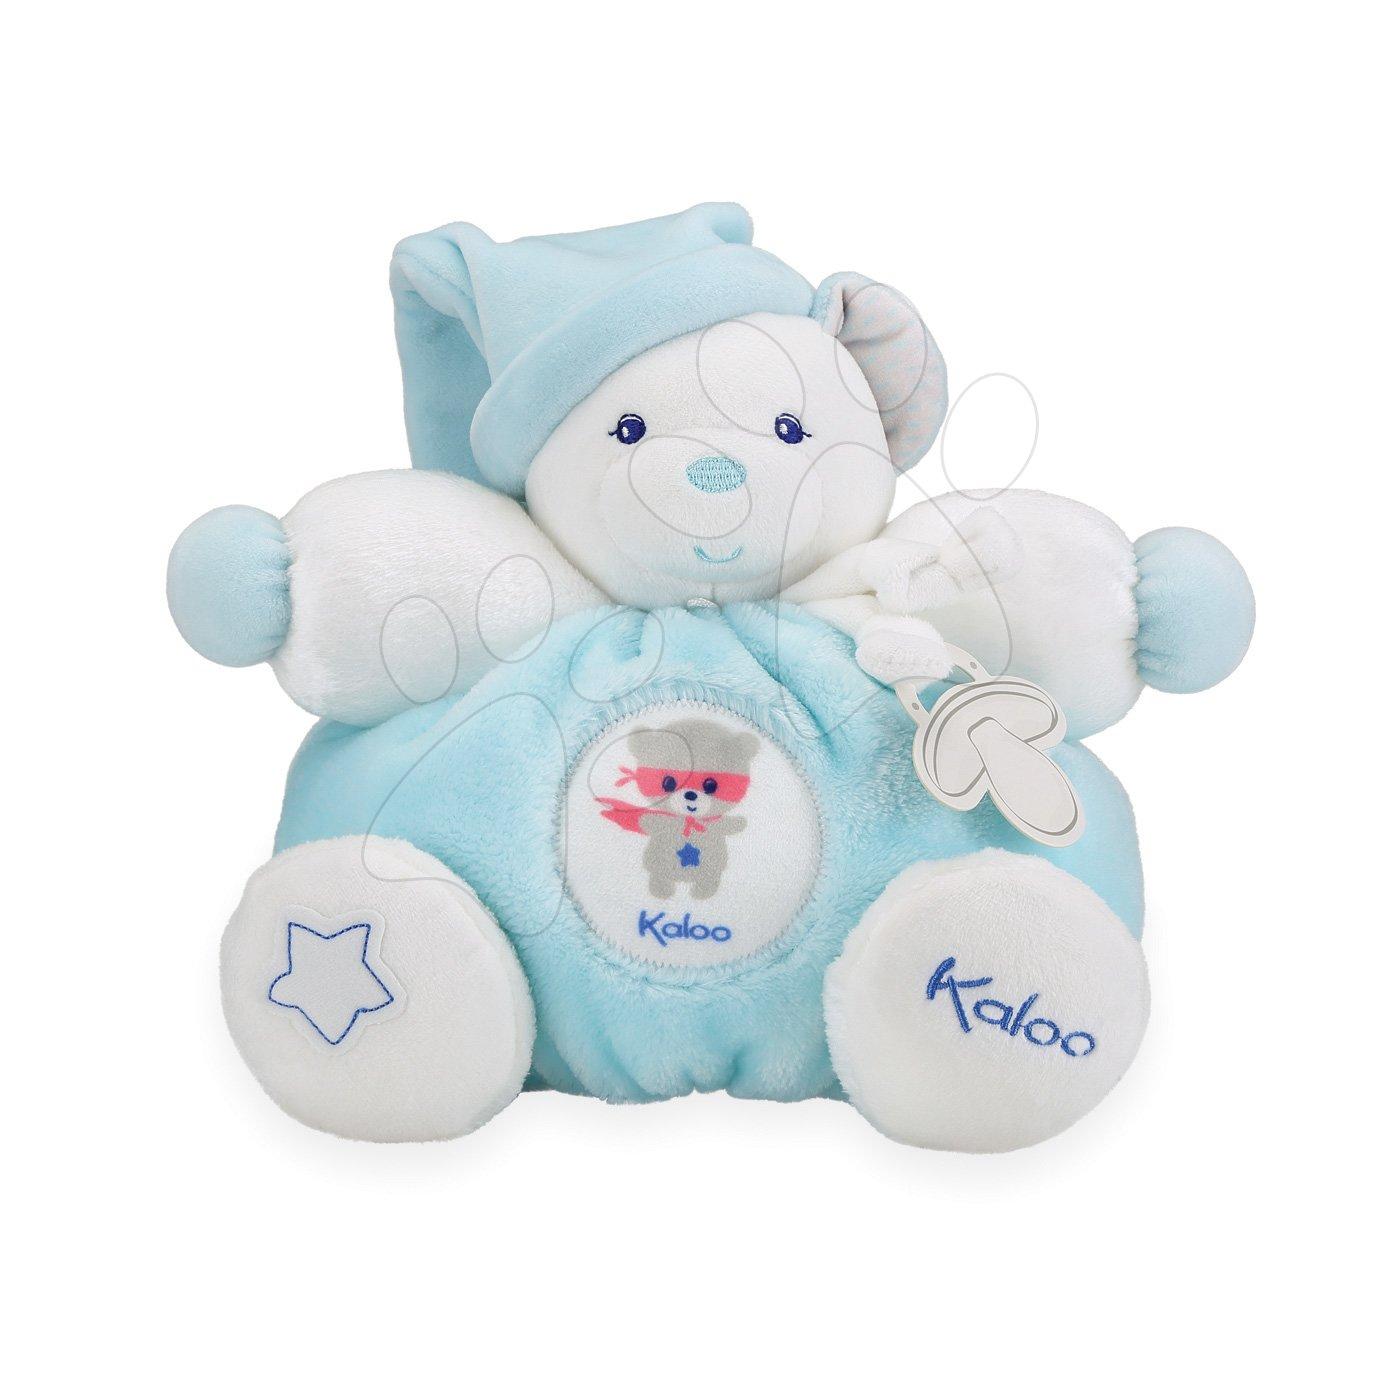 Kaloo plyšový medveď Imagine Chubby svetielkujúci 960279 tyrkysový